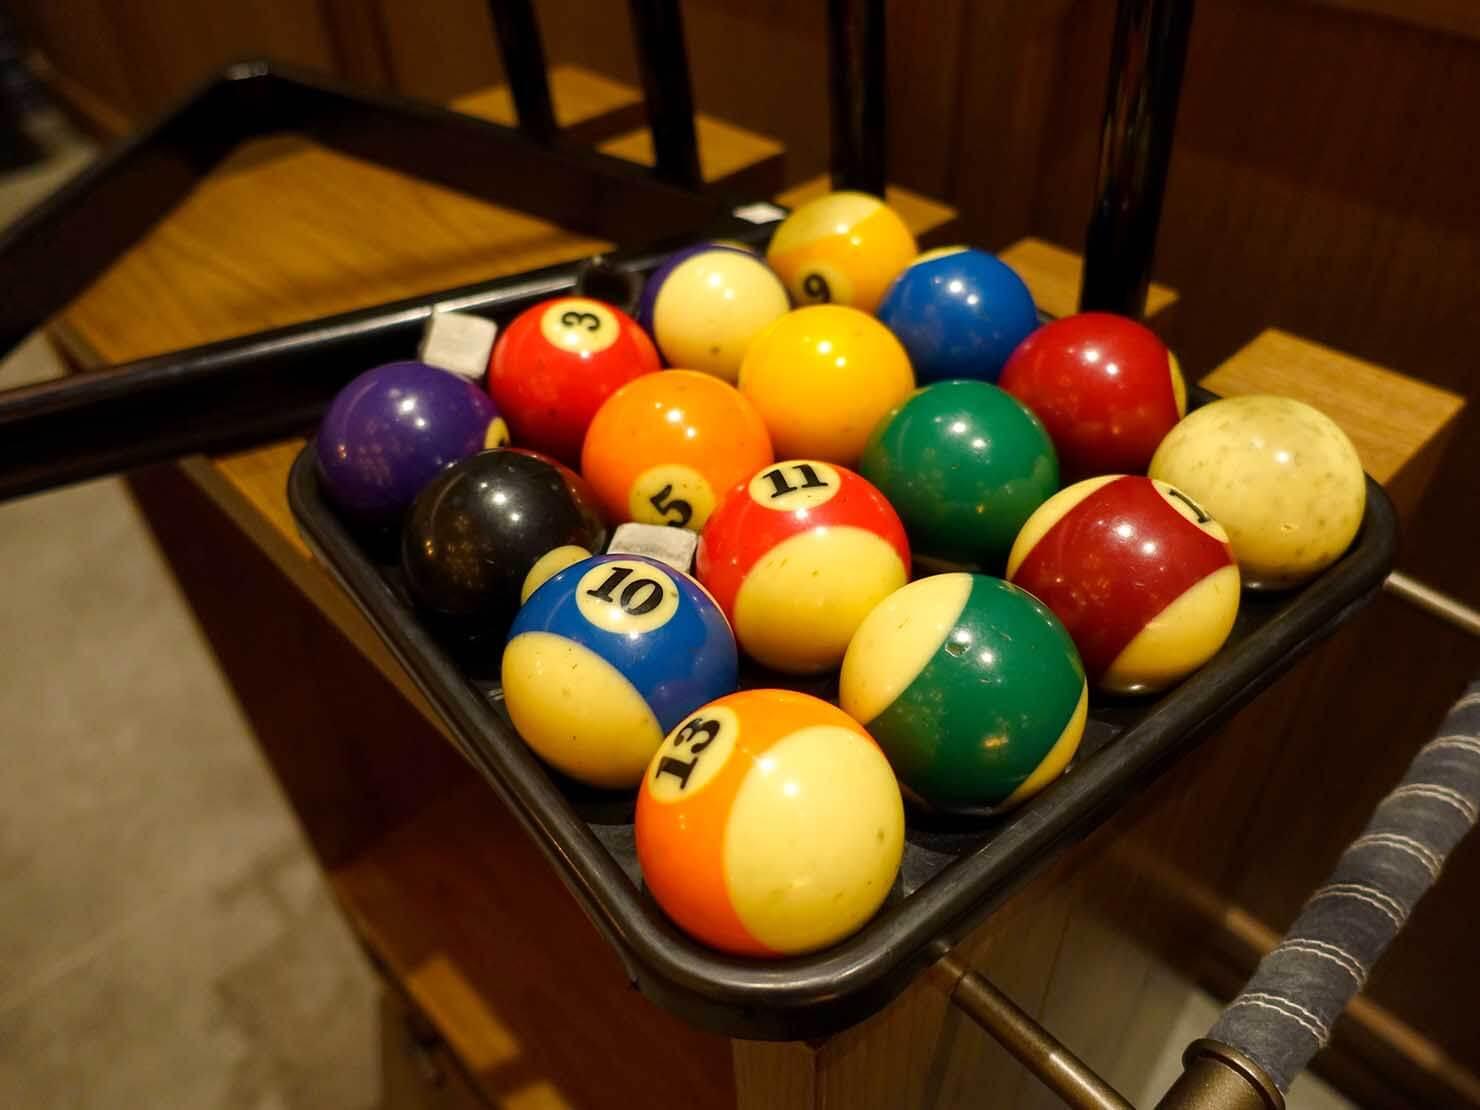 福岡・中洲川端にあるおしゃれなおすすめホテル「THE LIVELY」のコワーキングスペース・LIVERALLYのビリヤードボール